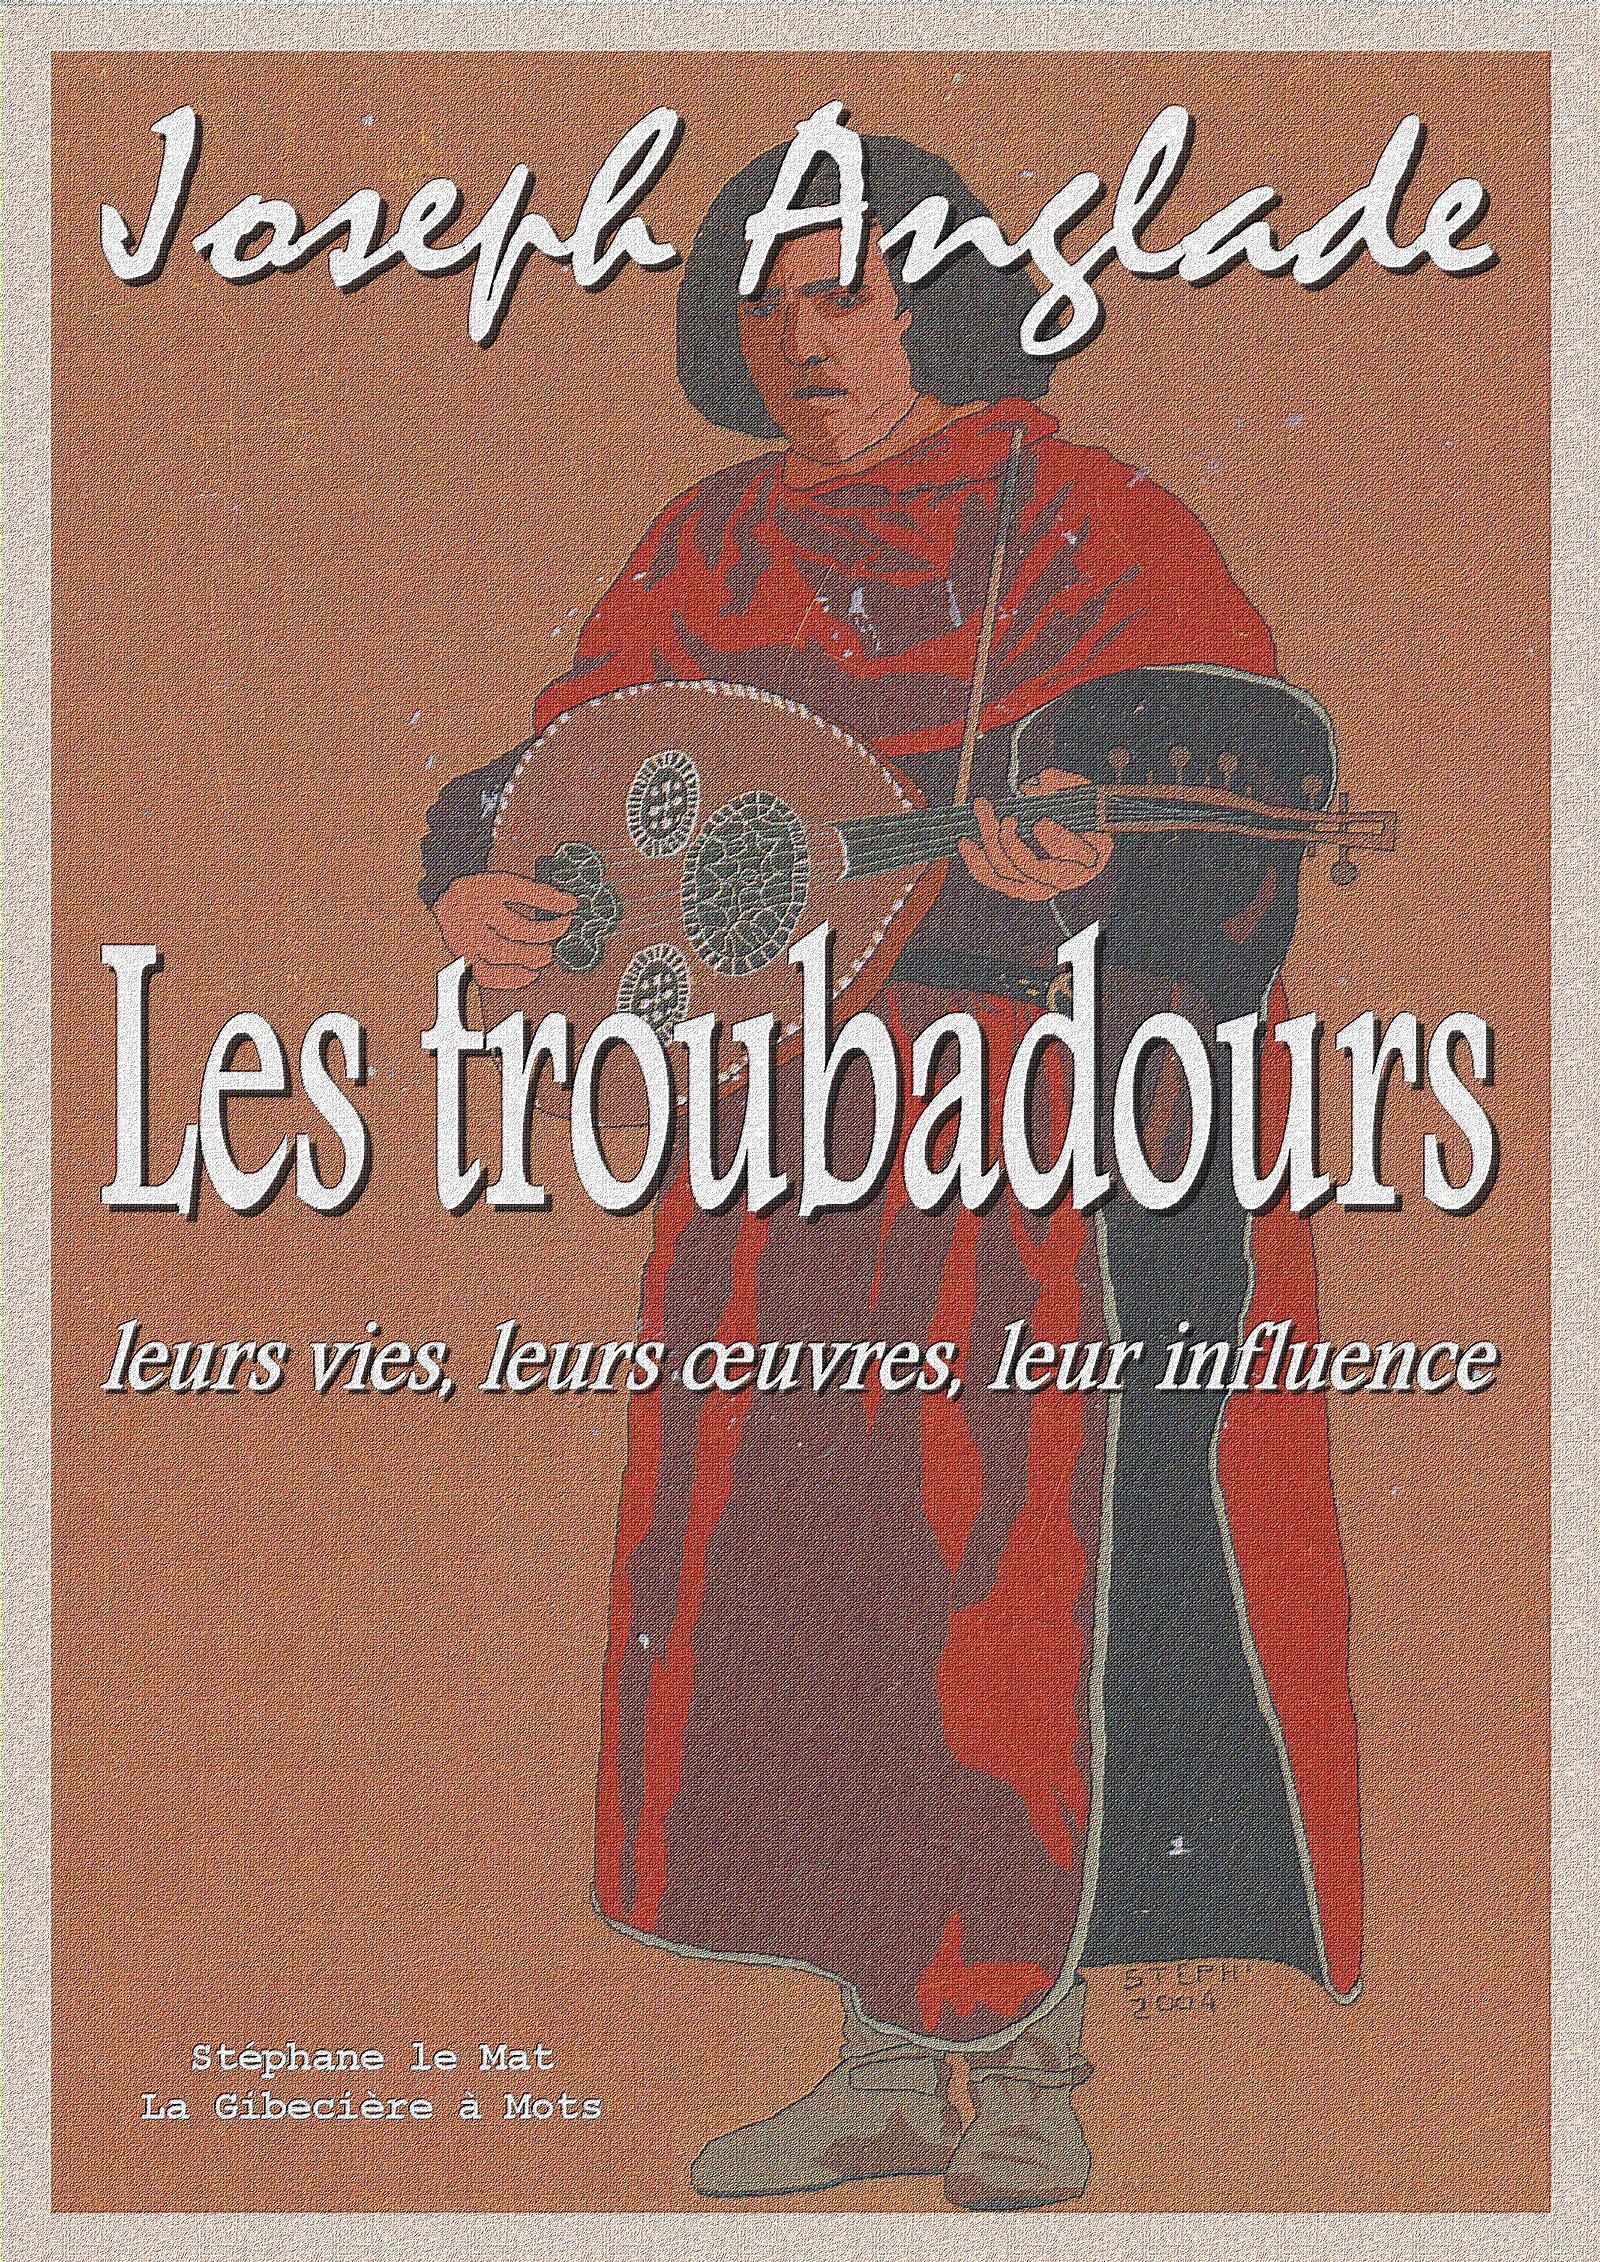 Les troubadours, LEURS VIES, LEURS OEUVRES, LEUR INFLUENCE